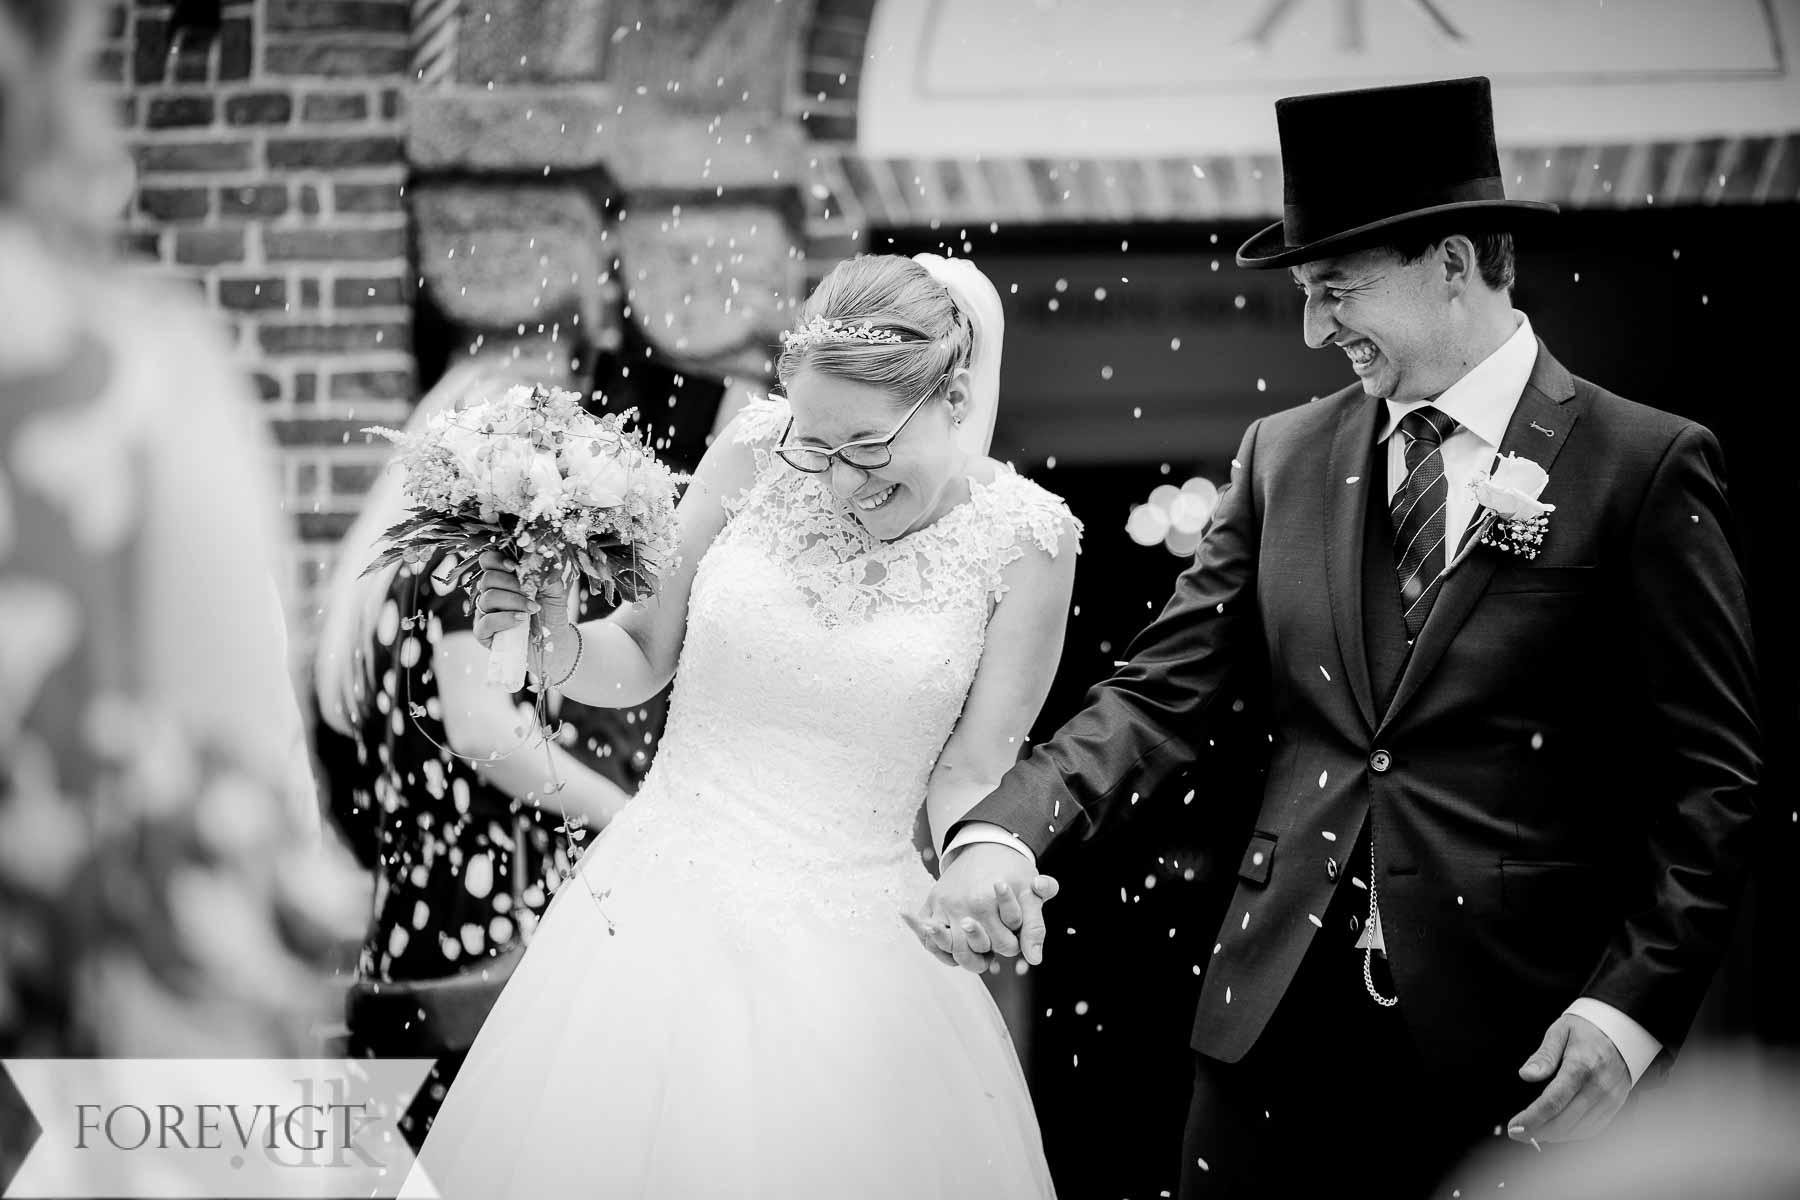 riskast bryllup Erritsø kirke